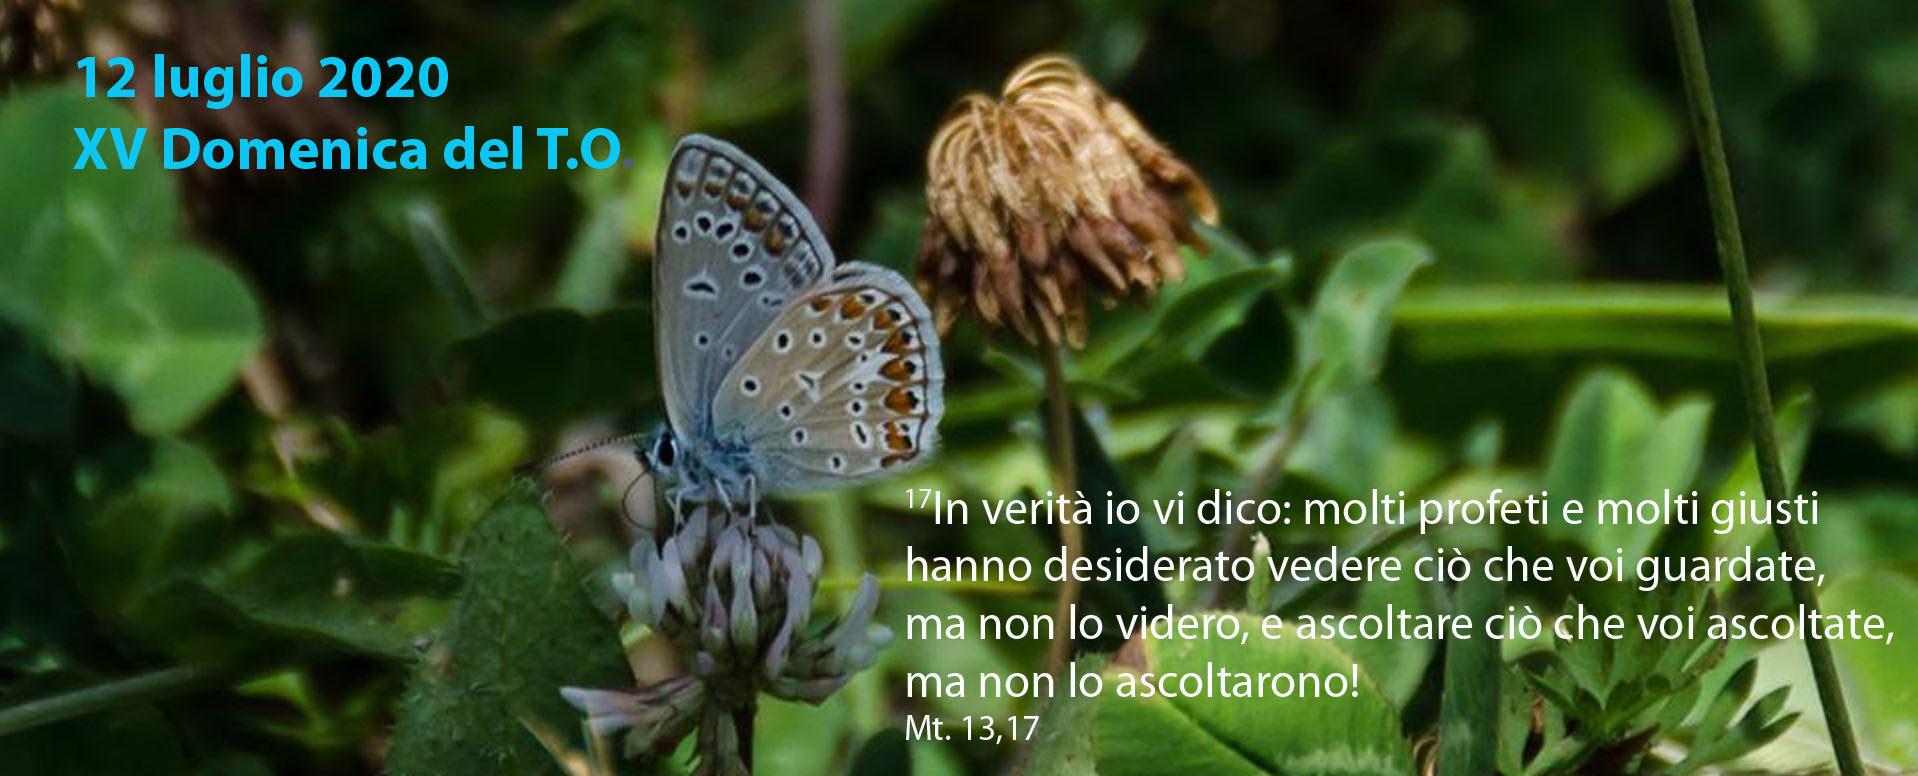 www.sangiuseppeformia.it